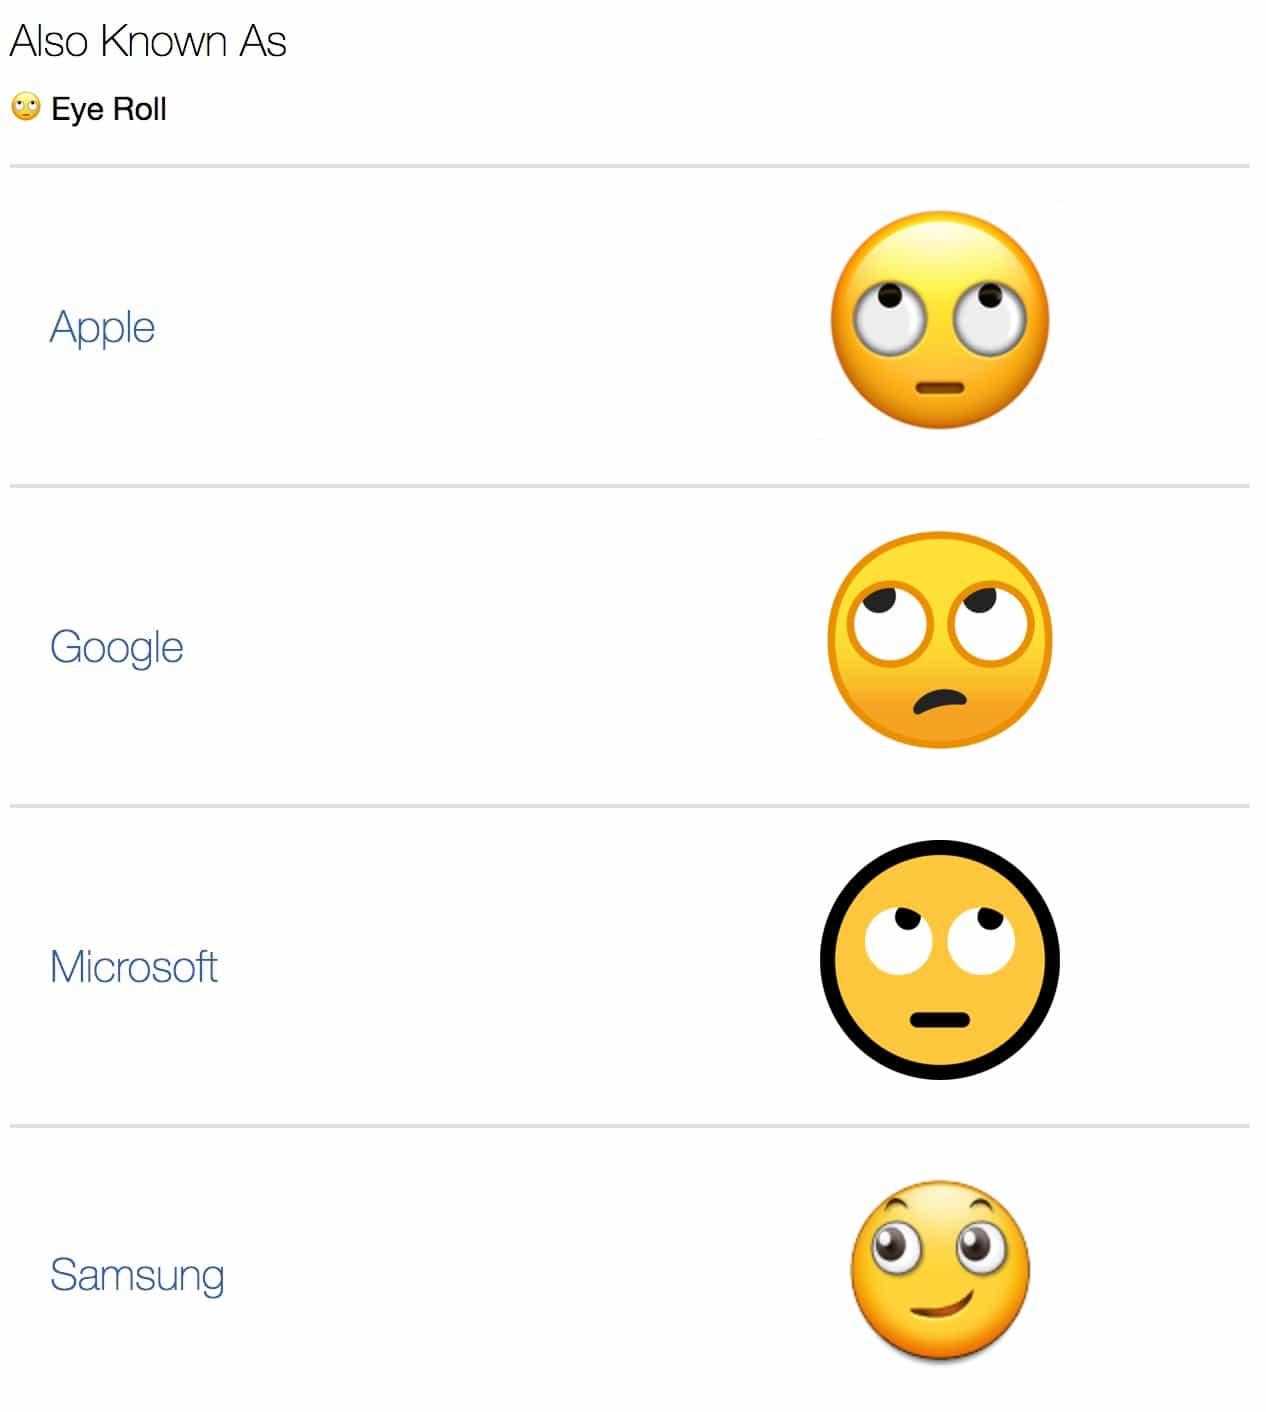 Hoe verschillende bedrijven de emoji met rollende ogen weergeven op hun apparaten